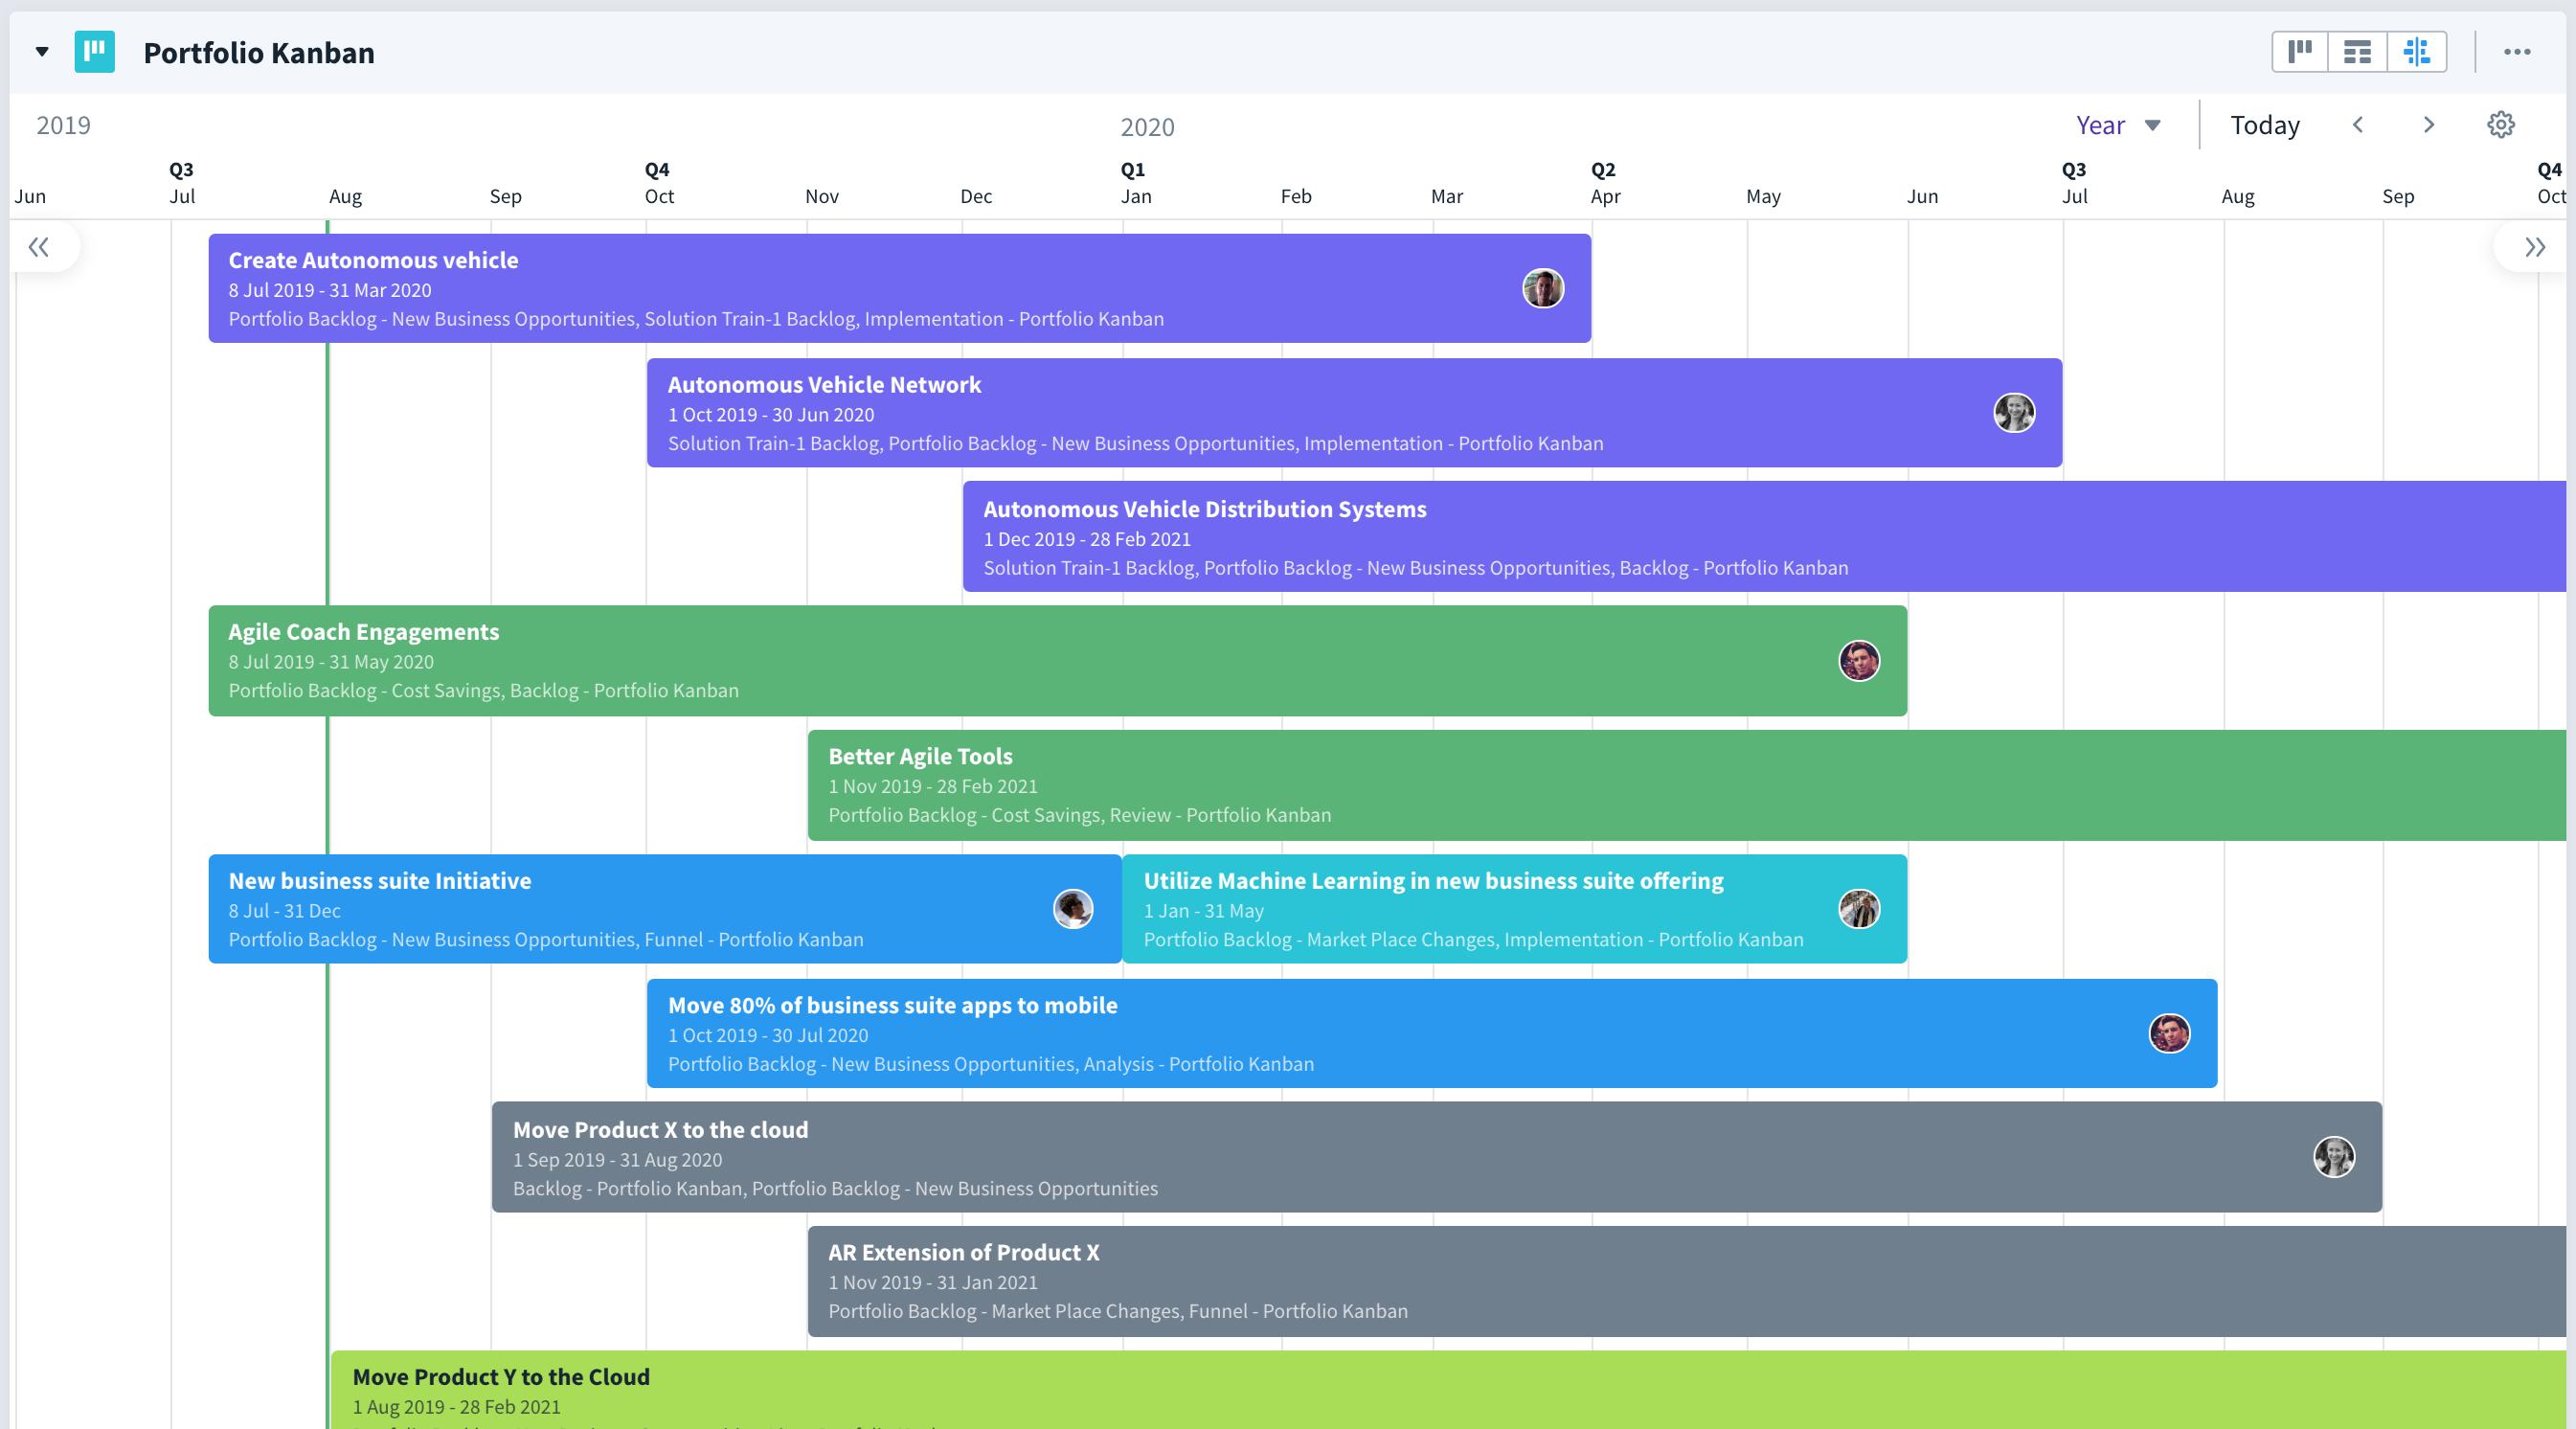 Portfolio Kanban roadmap toggle